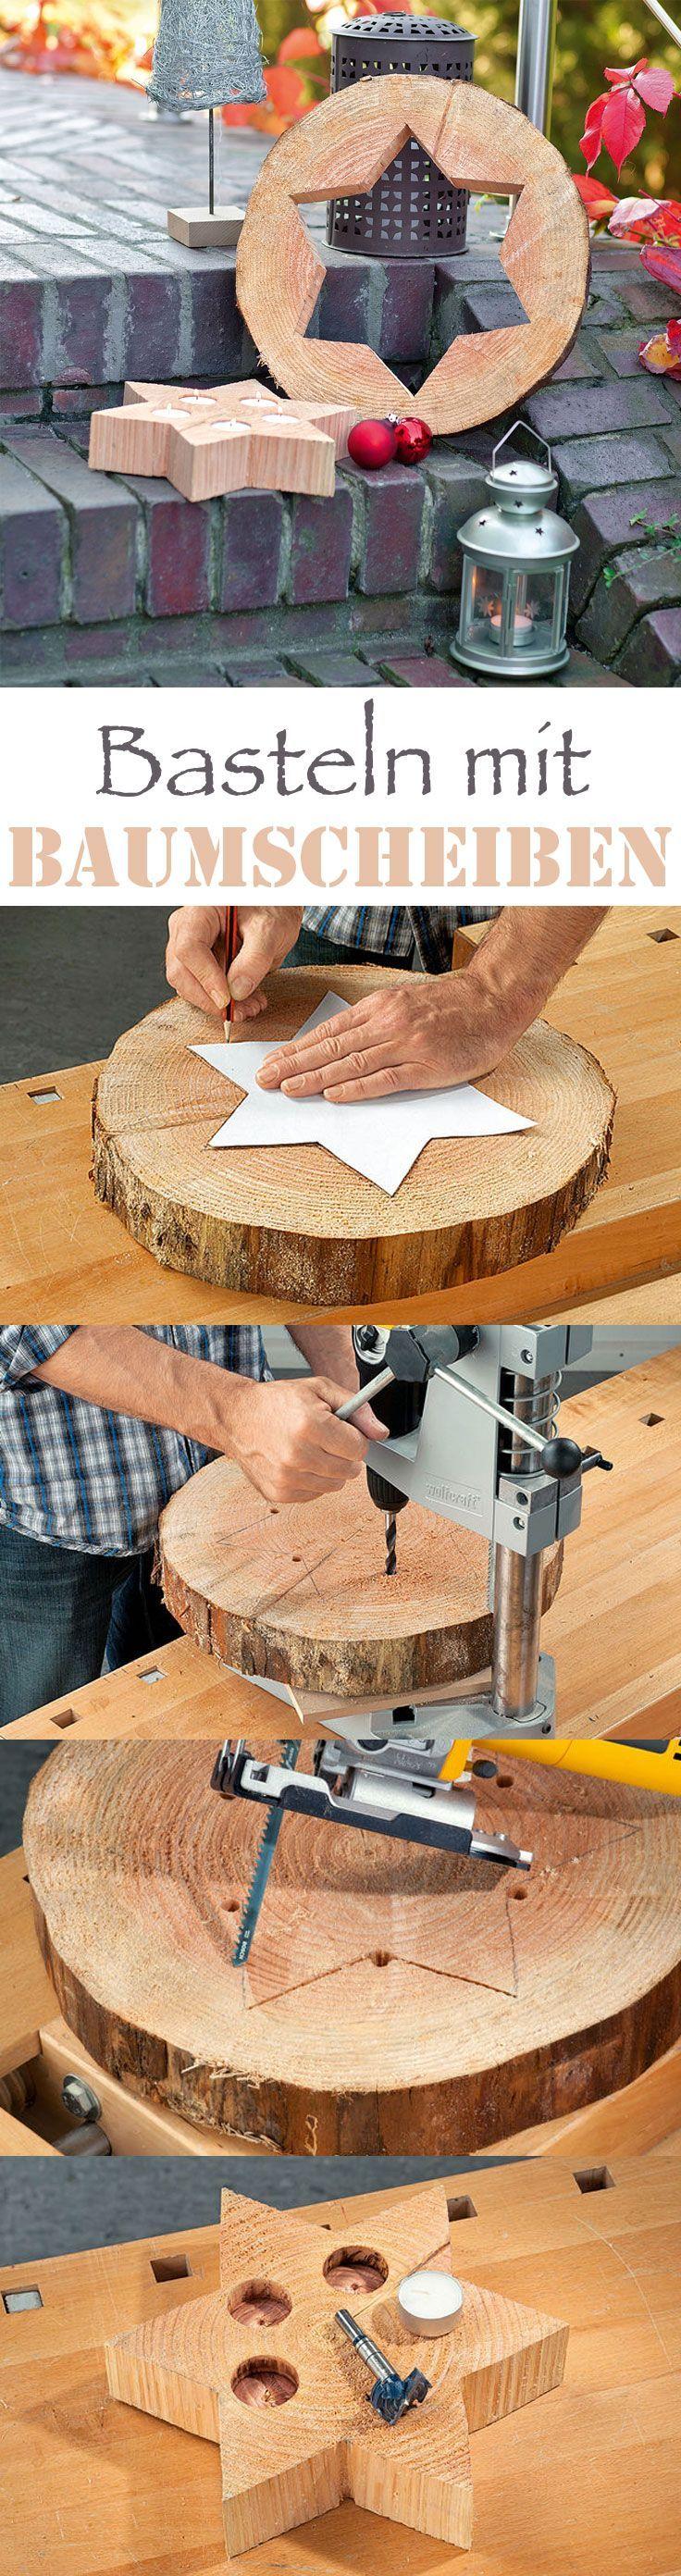 Die 25+ Besten Ideen Zu Baumstamm Deko Auf Pinterest | Holzdeko ... Gartendeko Selber Machen Gnom Fee Tuer Baum Gestaltung